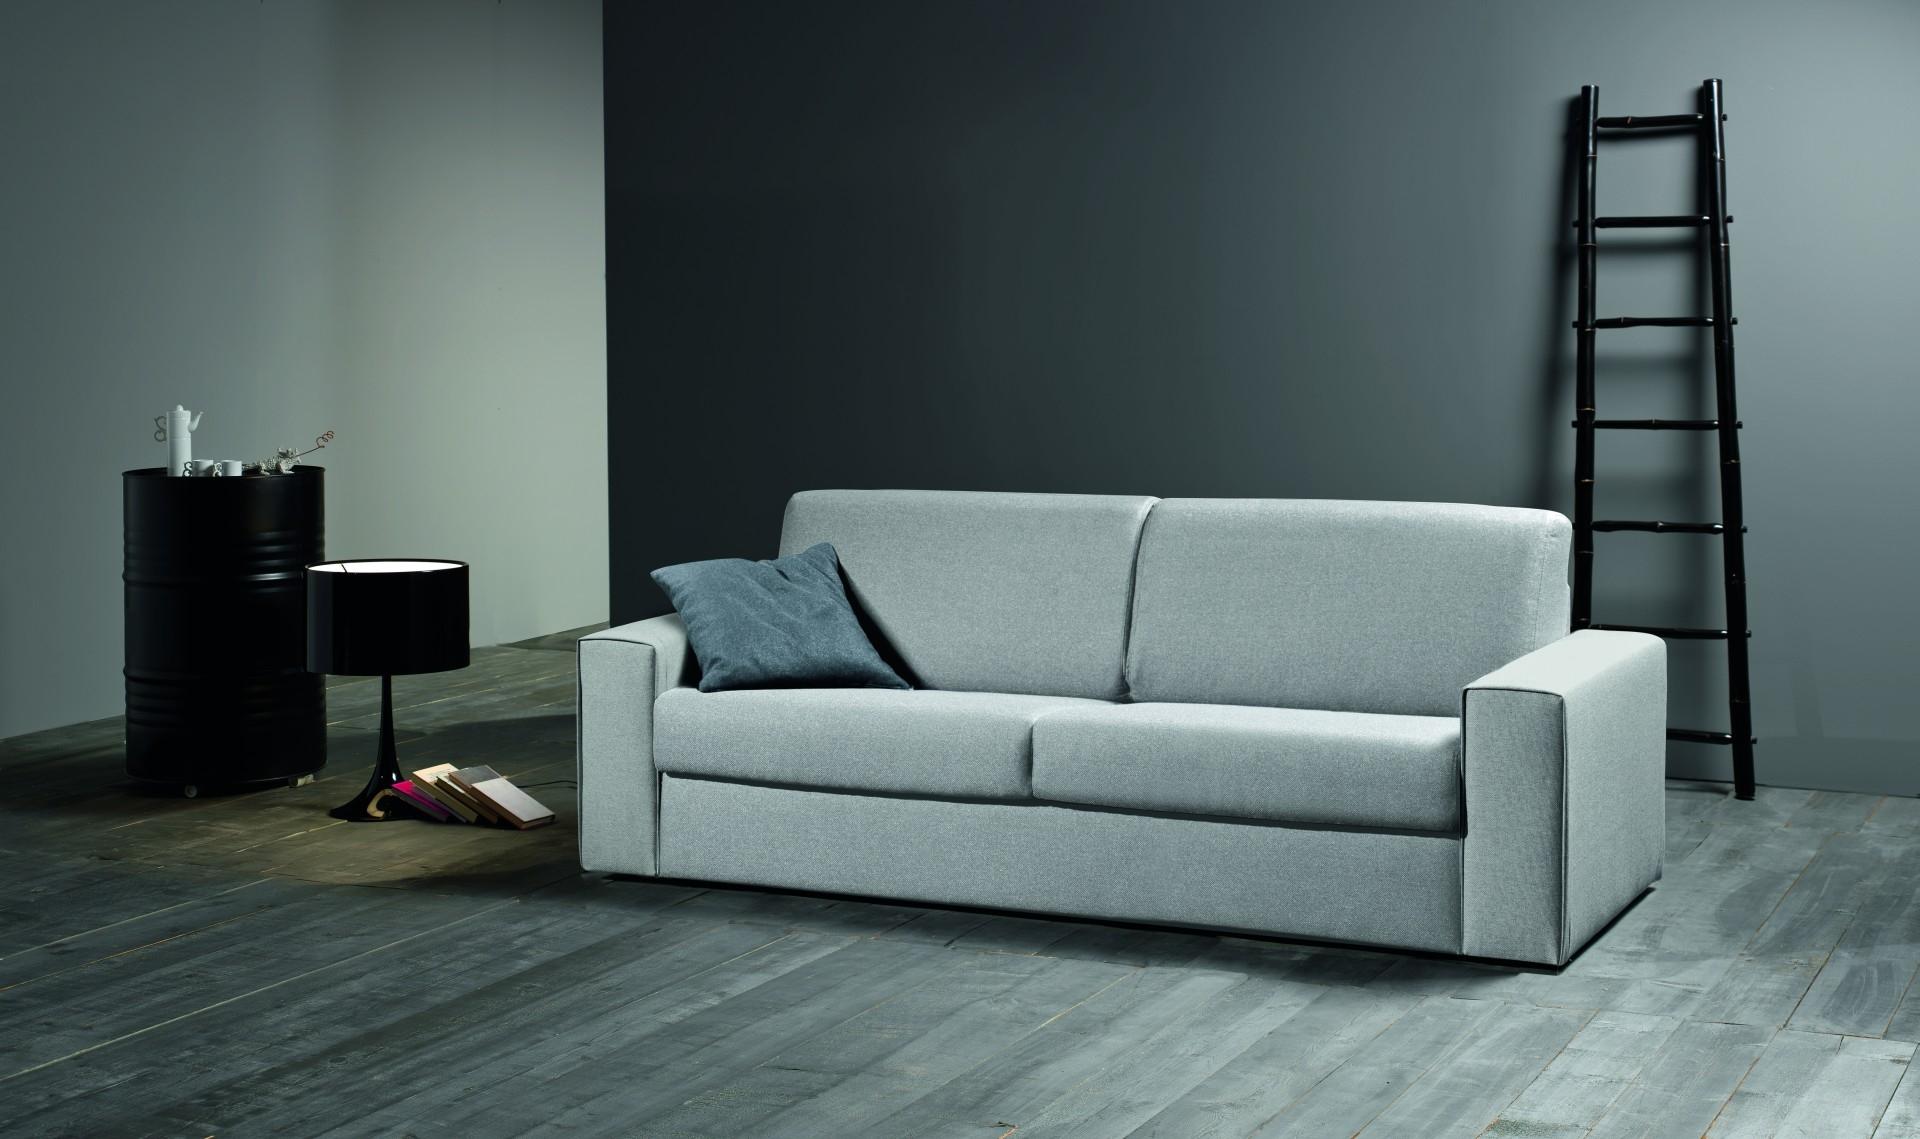 Divano exc coc divano letto divani a prezzi scontati for Divano letto prezzi